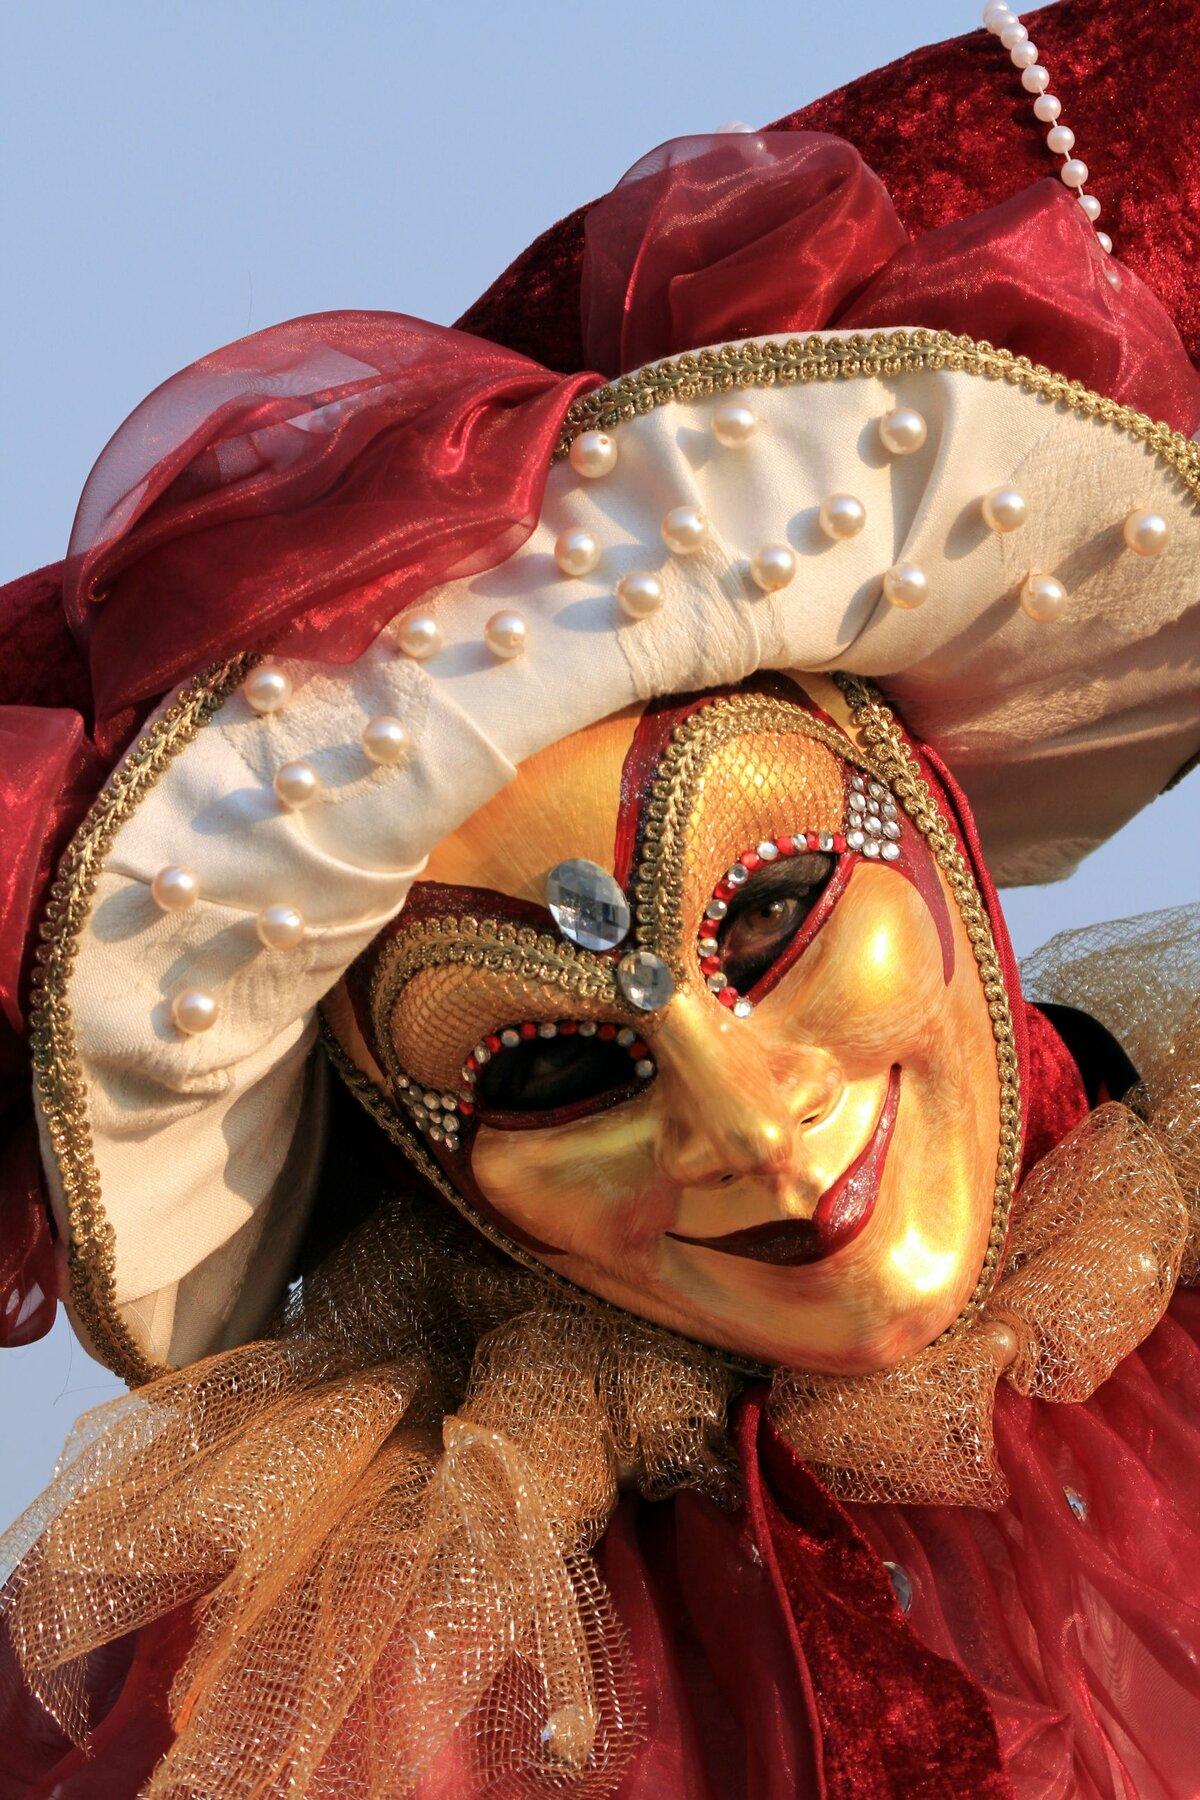 это фото сами венецианскую маску именно отчего